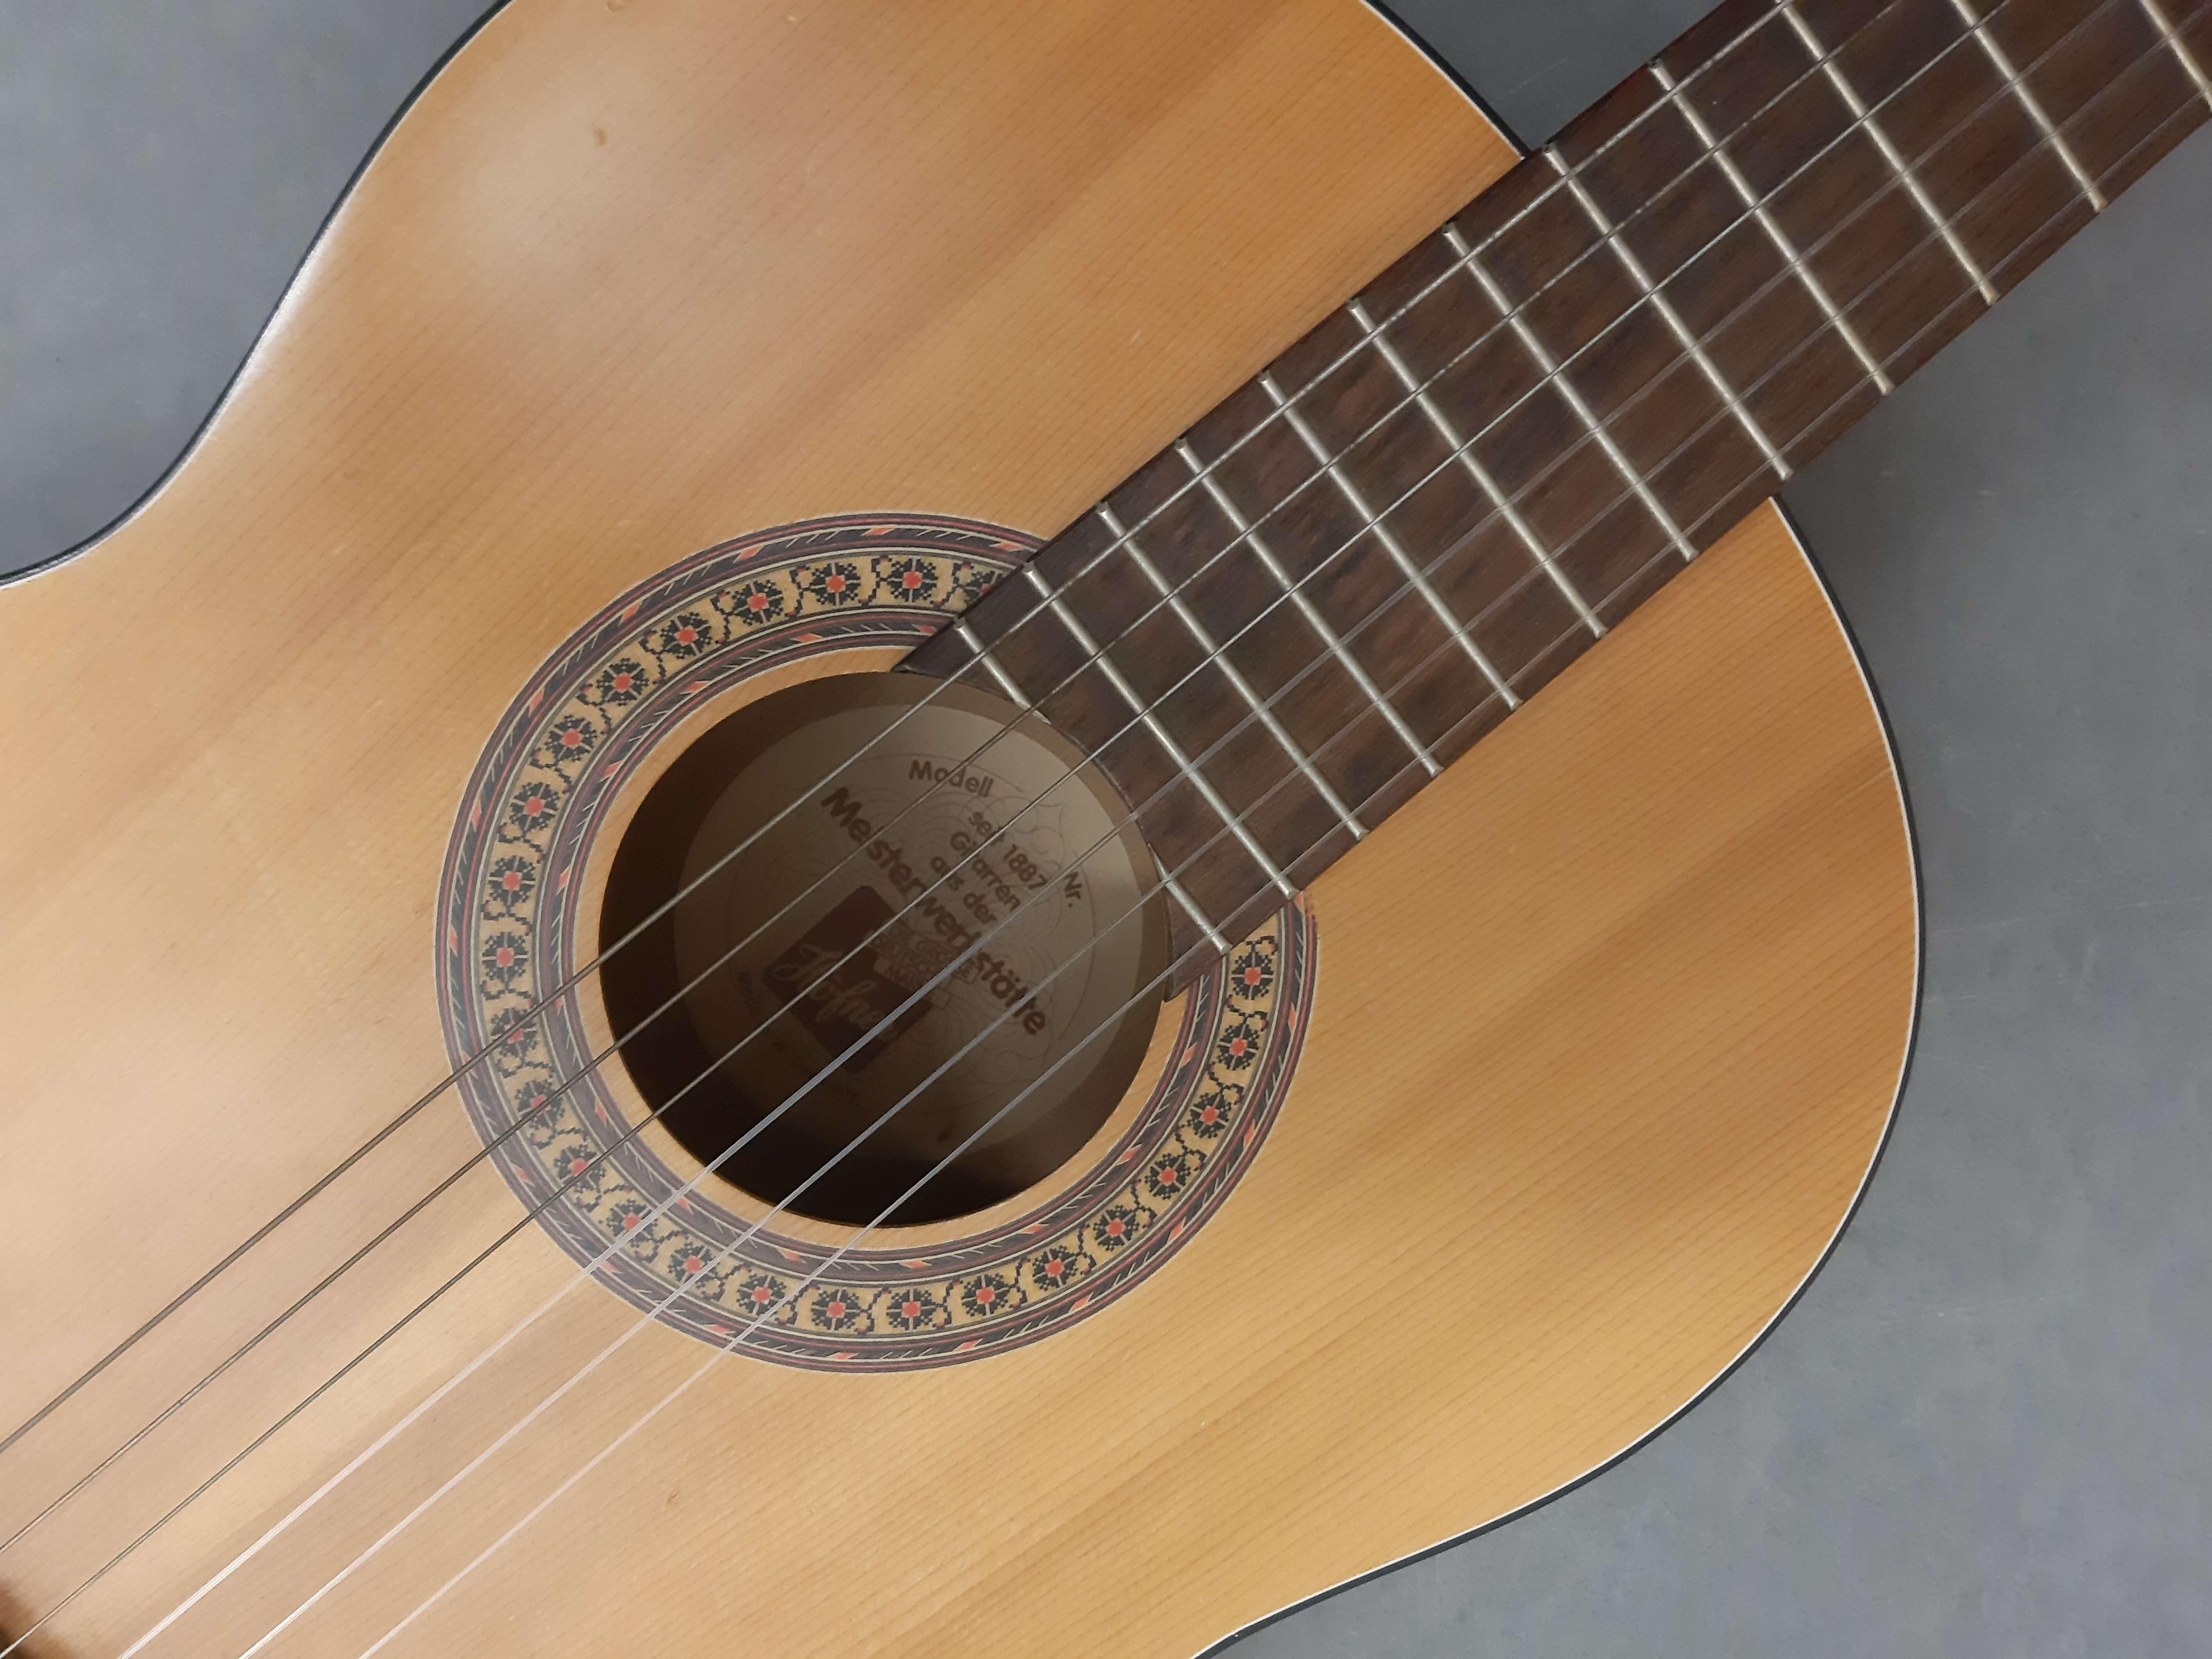 Gitarre.jpg?auto=compress,format&colorquant=1600